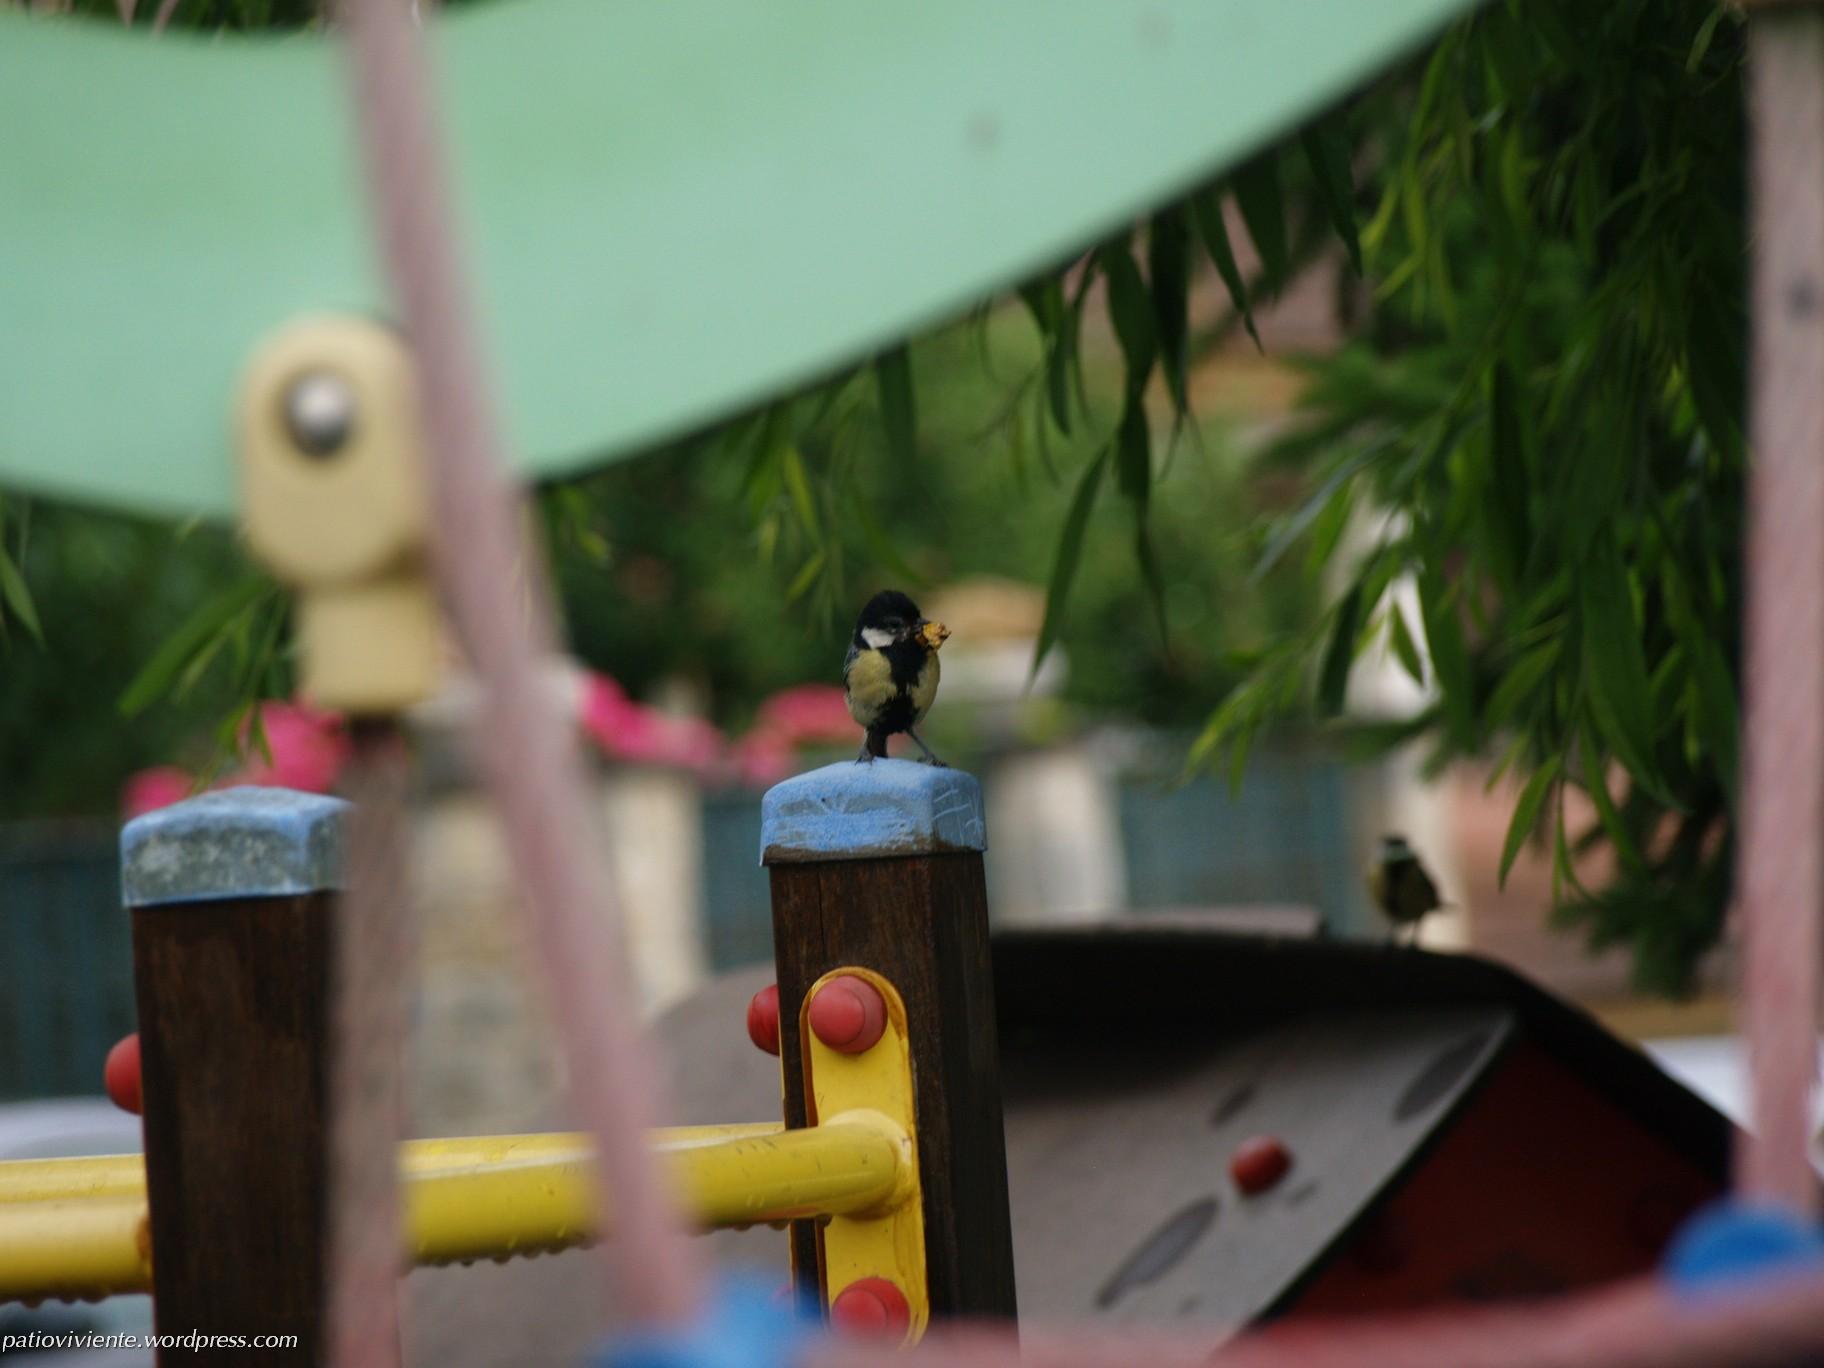 Pareja de Carbonero Común (Parus major) portando alimento a su prole en nido por los suelos. Azoz (Navarra) 1 de julio de 2017